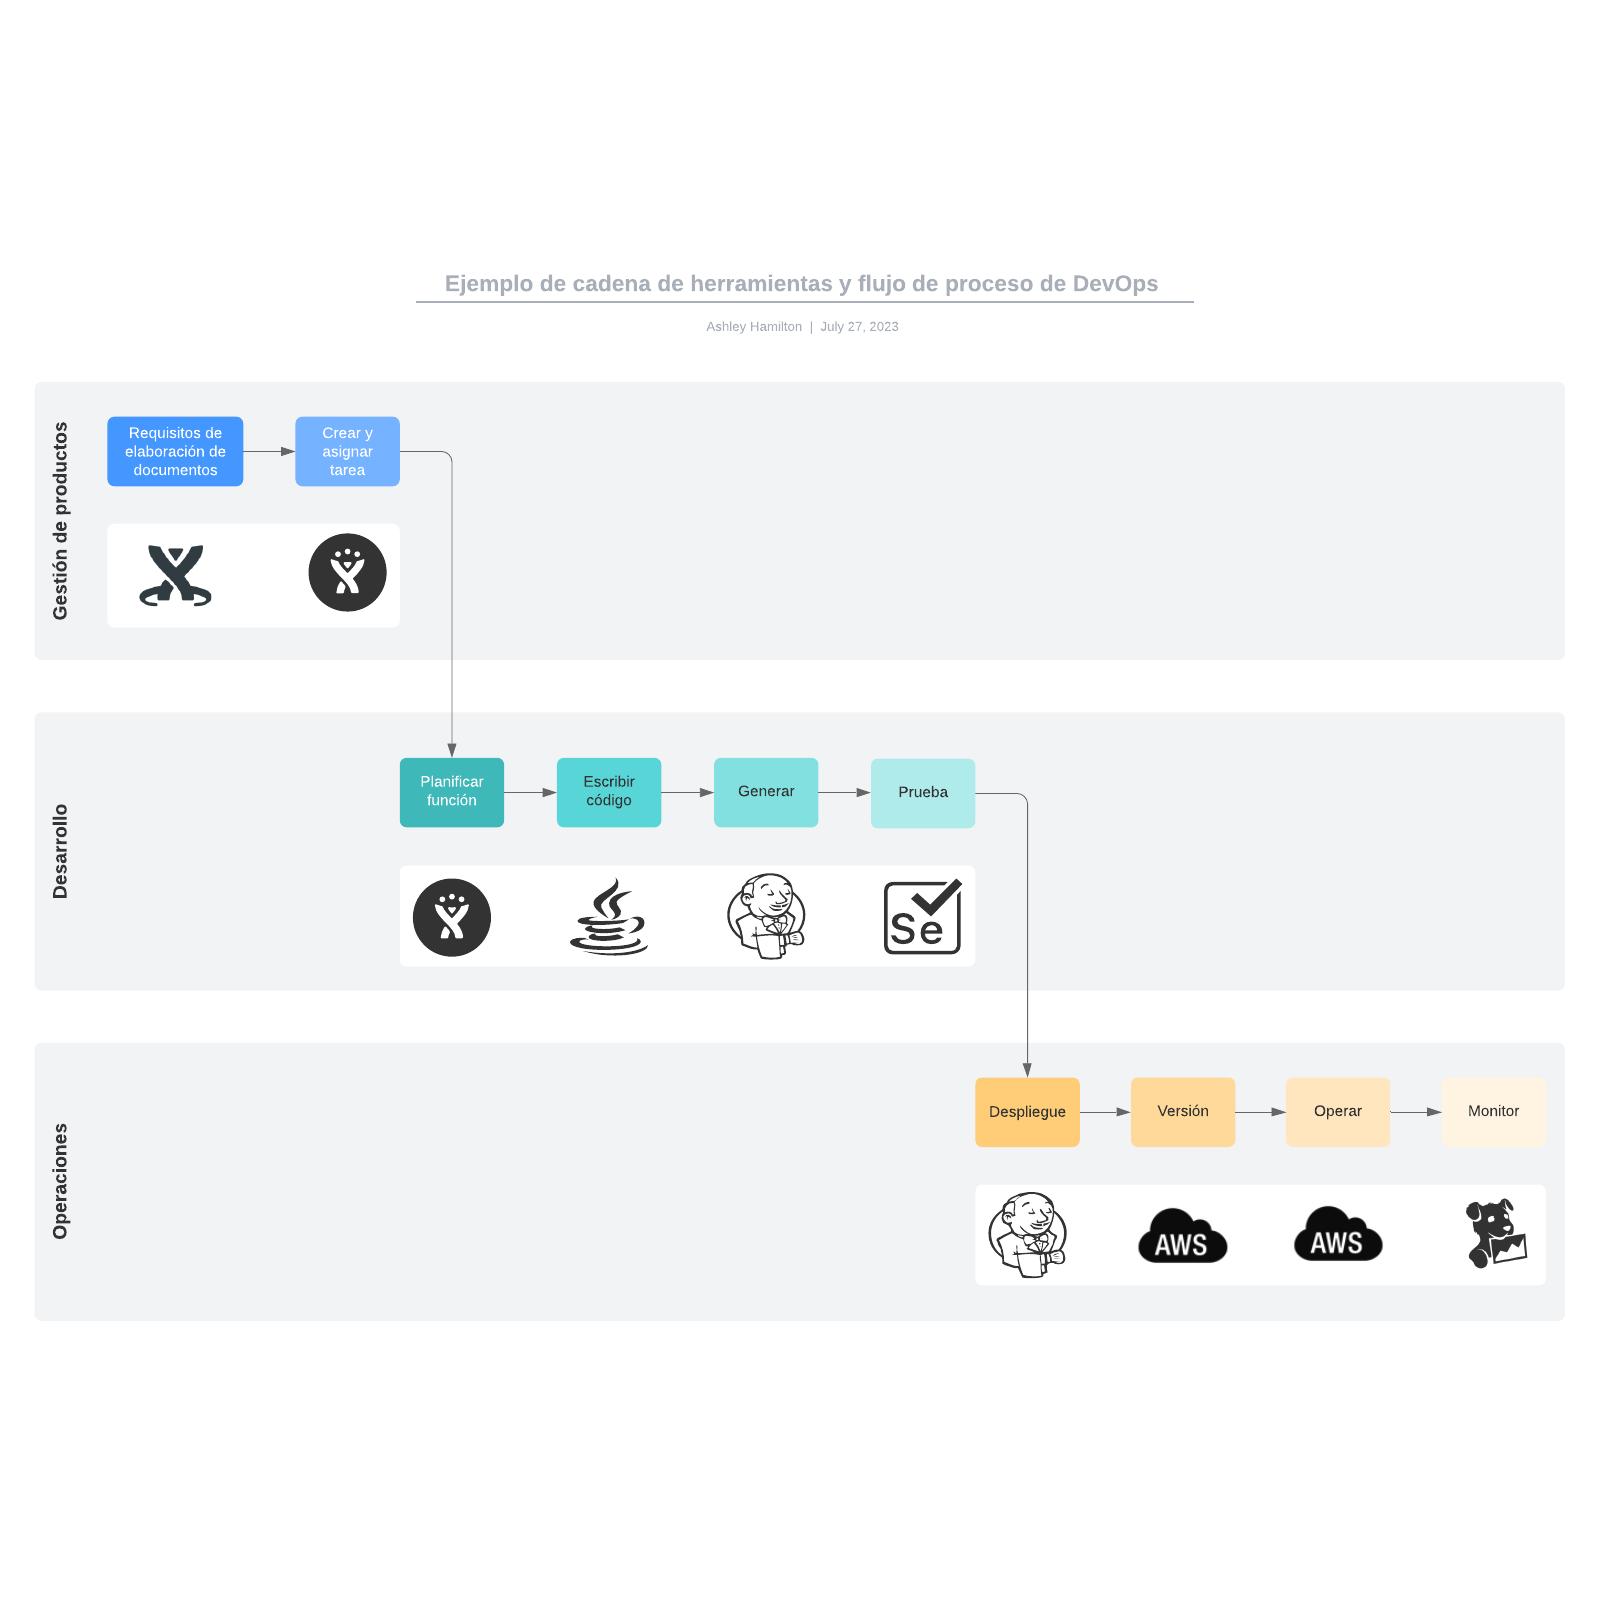 Ejemplo de cadena de herramientas y flujo de proceso de DevOps